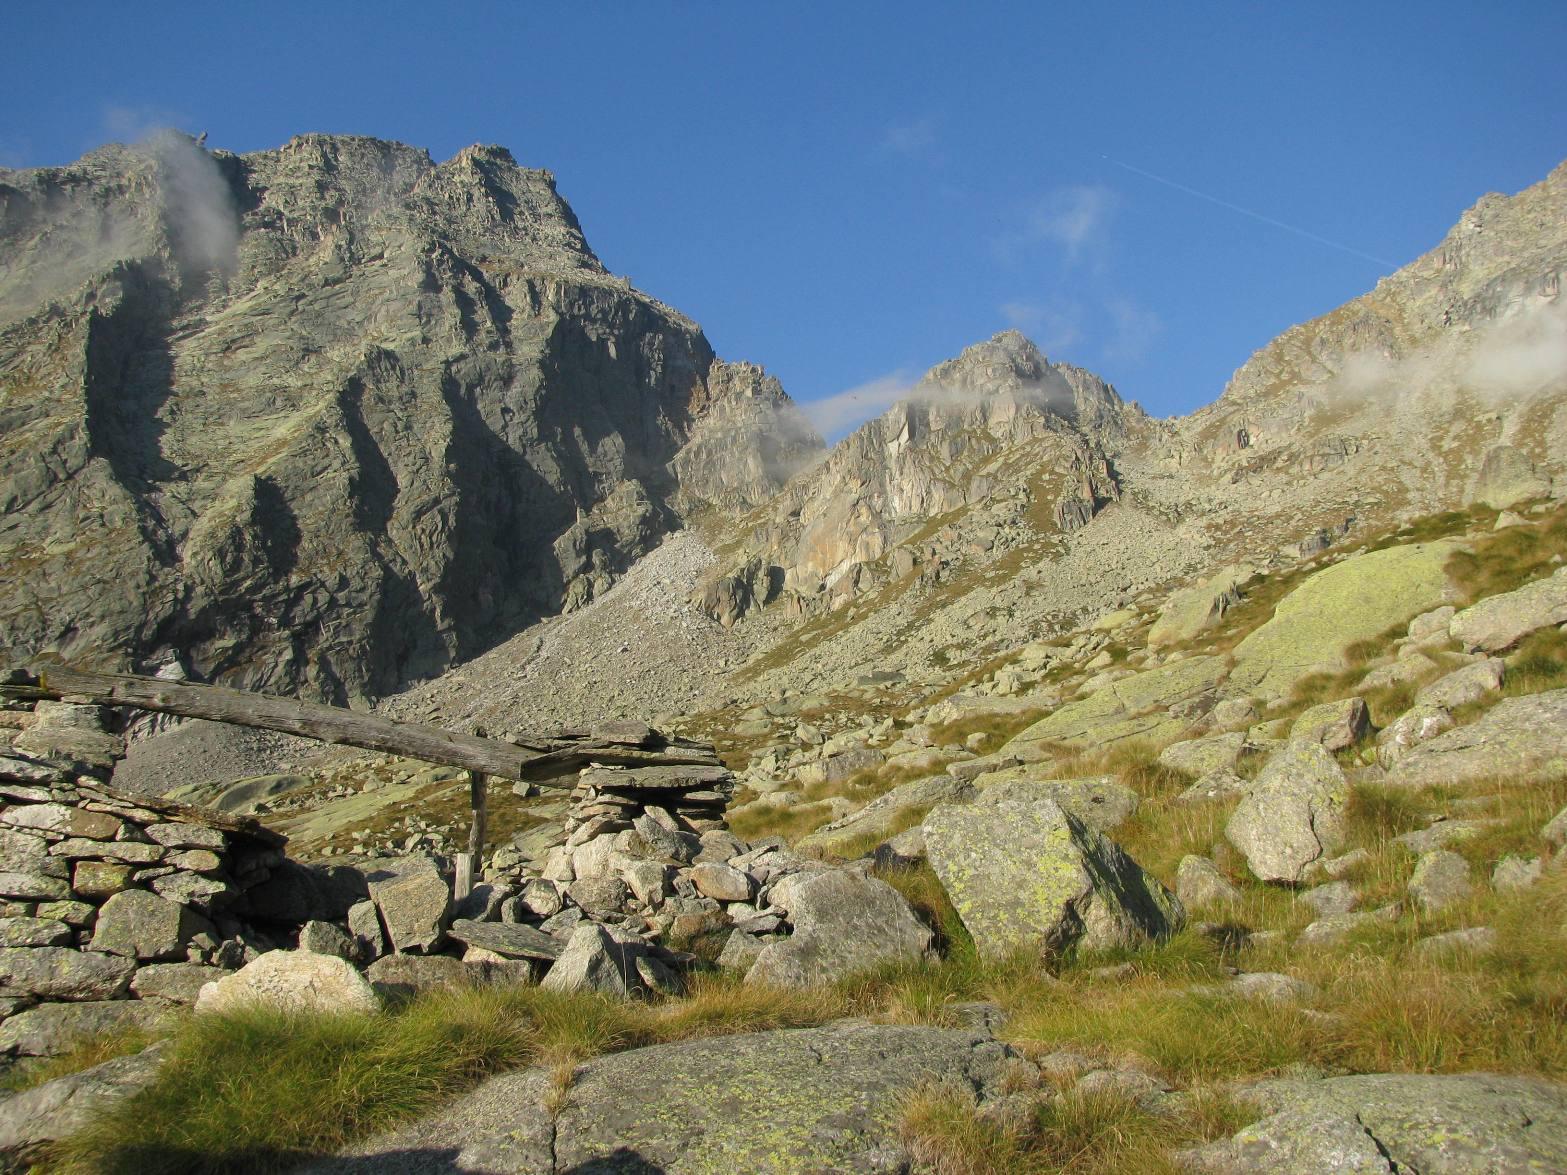 Alpe drosa di sopra, vista su Gran Carro e Bocchetta di Drosa